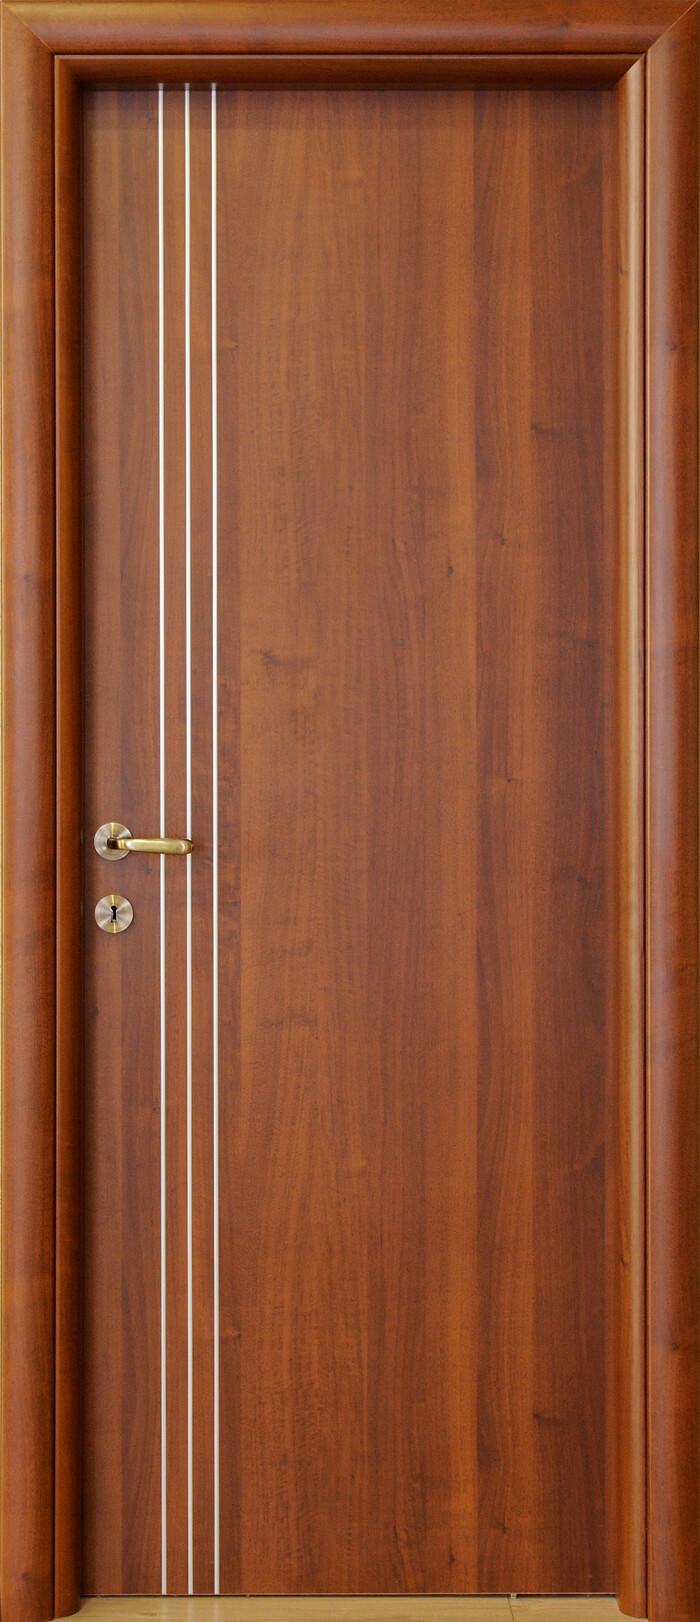 דלתות אורן-דלתות פנים חמימות צומת בילו